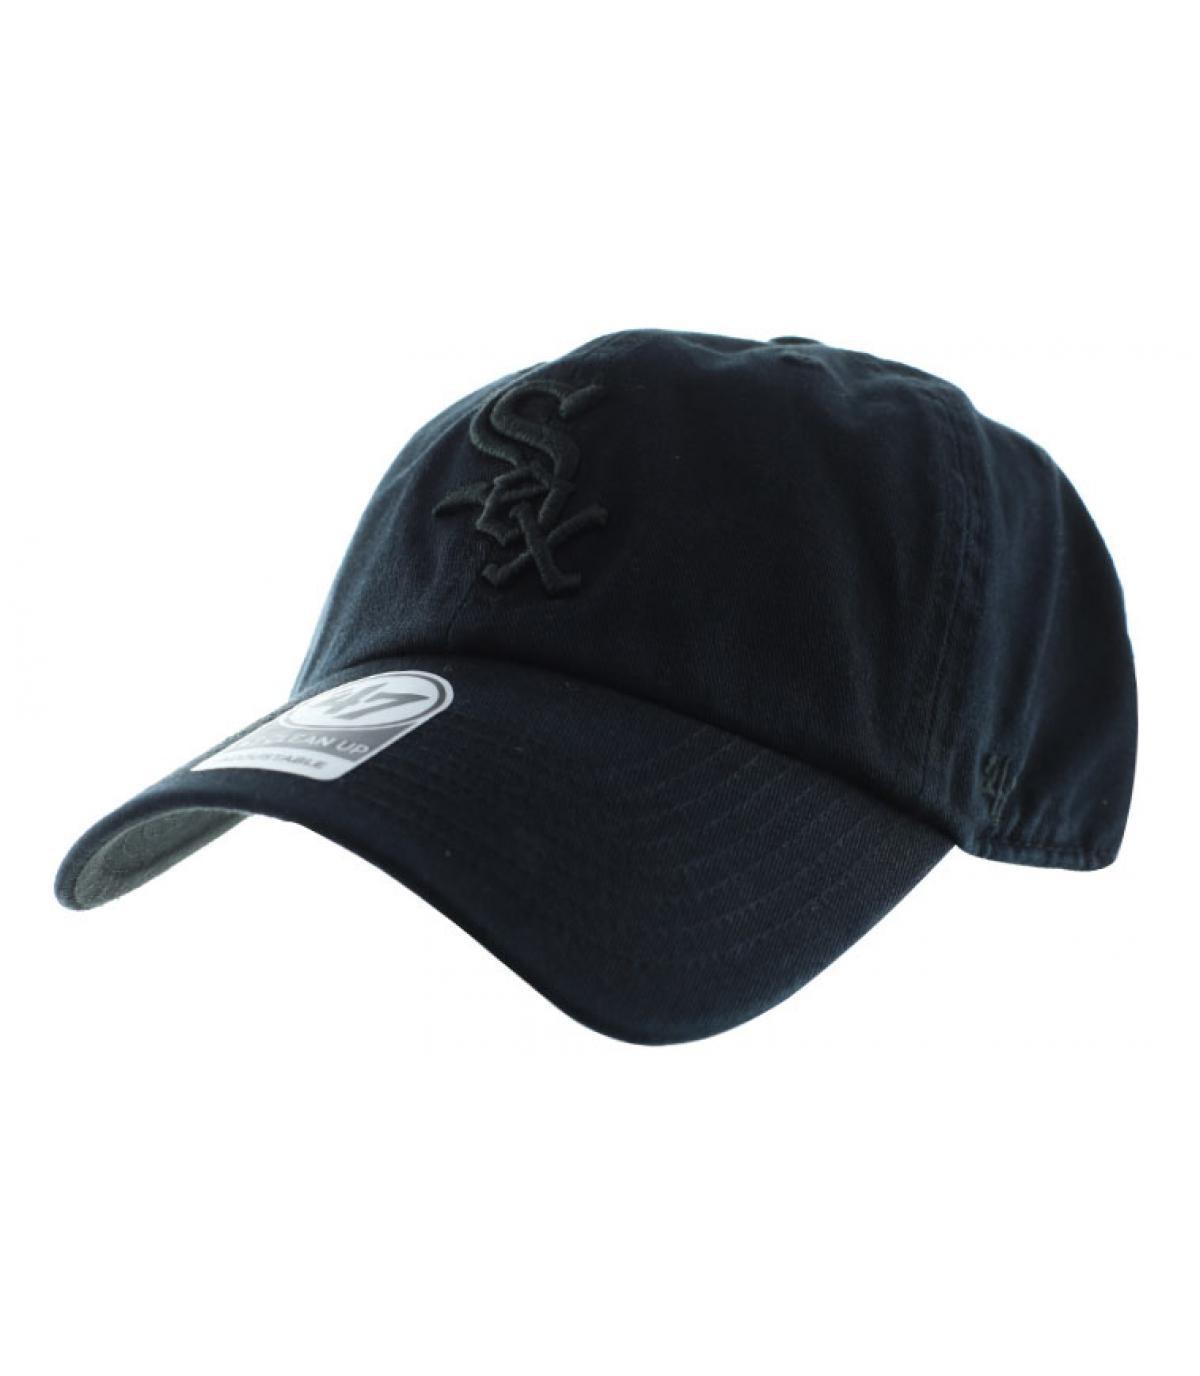 Détails Casquette Clean Up Sox all black - image 2